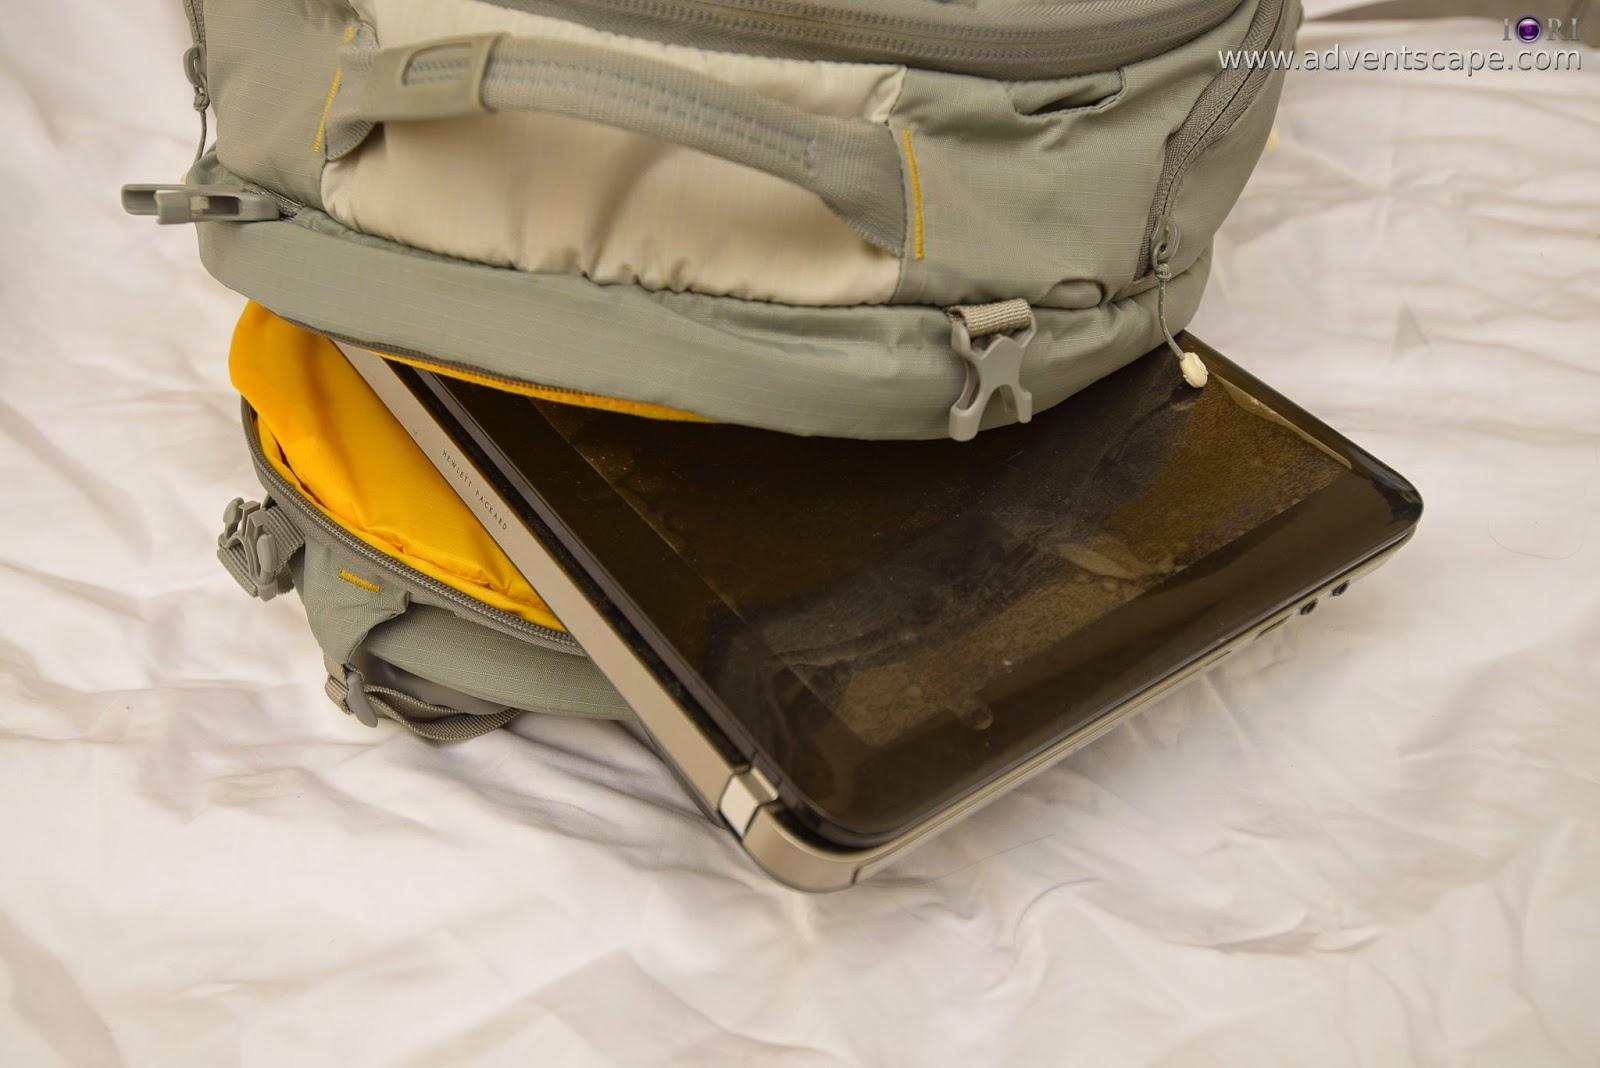 205, adventscape, Australian Landscape Photographer, bag, Bug, Kata, Manfrotto, Philip Avellana, review, laptop compartment